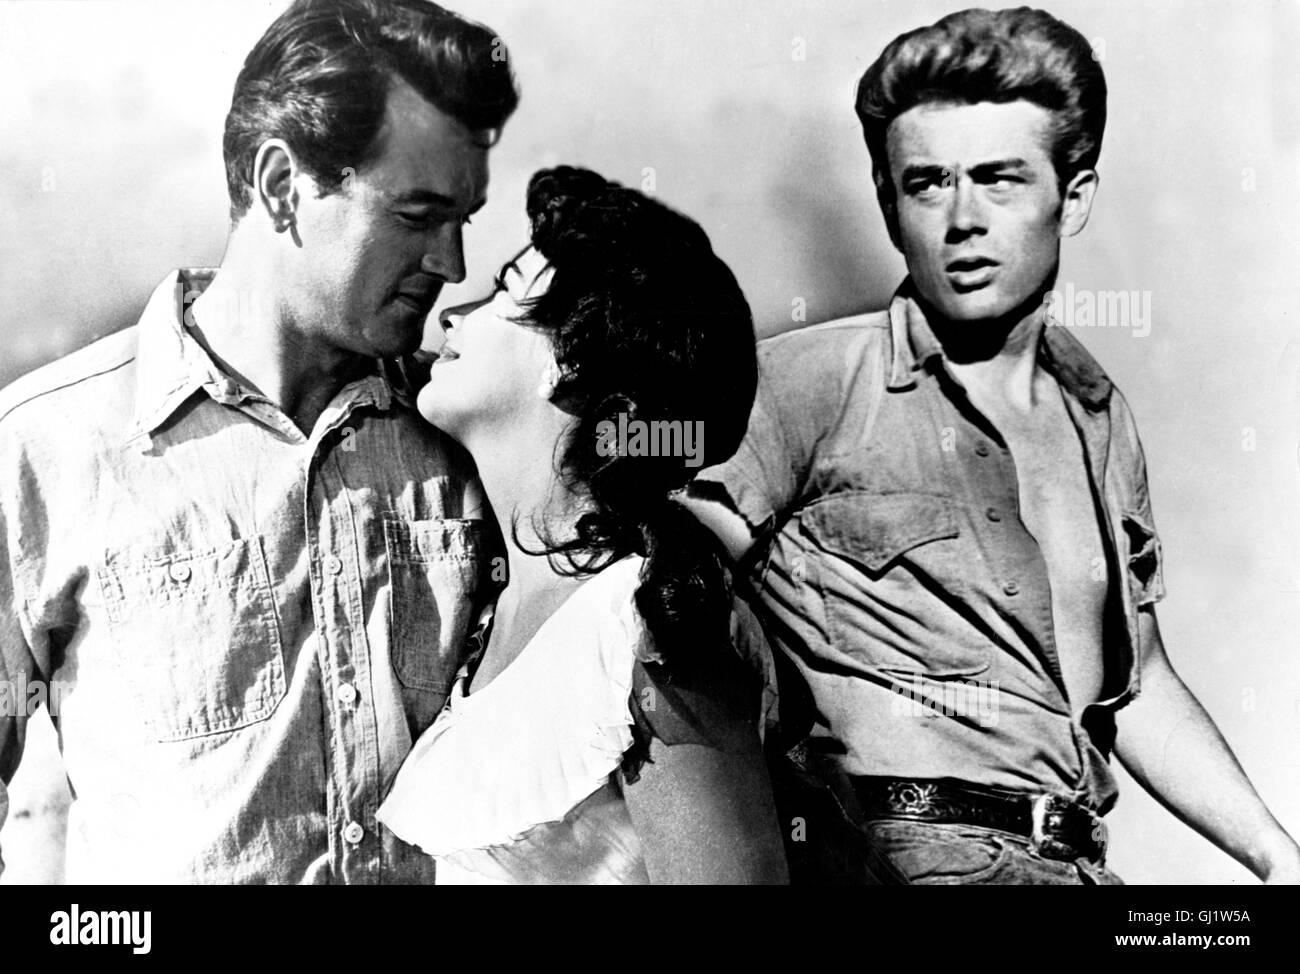 GIGANTEN Giant USA 1956 - George Stevens Der junge Jett Rink (JAMES DEAN, re) ist Gehilfe auf der Ranch der texanischen Grossgrundbesitzer Bick und Leslie Benedict (ROCK HUDSON und ELIZABETH TAYLOR), als er von Benedicts Schwester ein kleines Stück Land erbt. Nach Jahren mühsamer Arbeit sprudelt die ersehnte Ölquelle. Über Nacht zum Millionär geworden, fühlt sich Jett endlich den Benedicts gesellschaftlich gleichgestellt. Regie: George Stevens aka. Giant Stock Photo